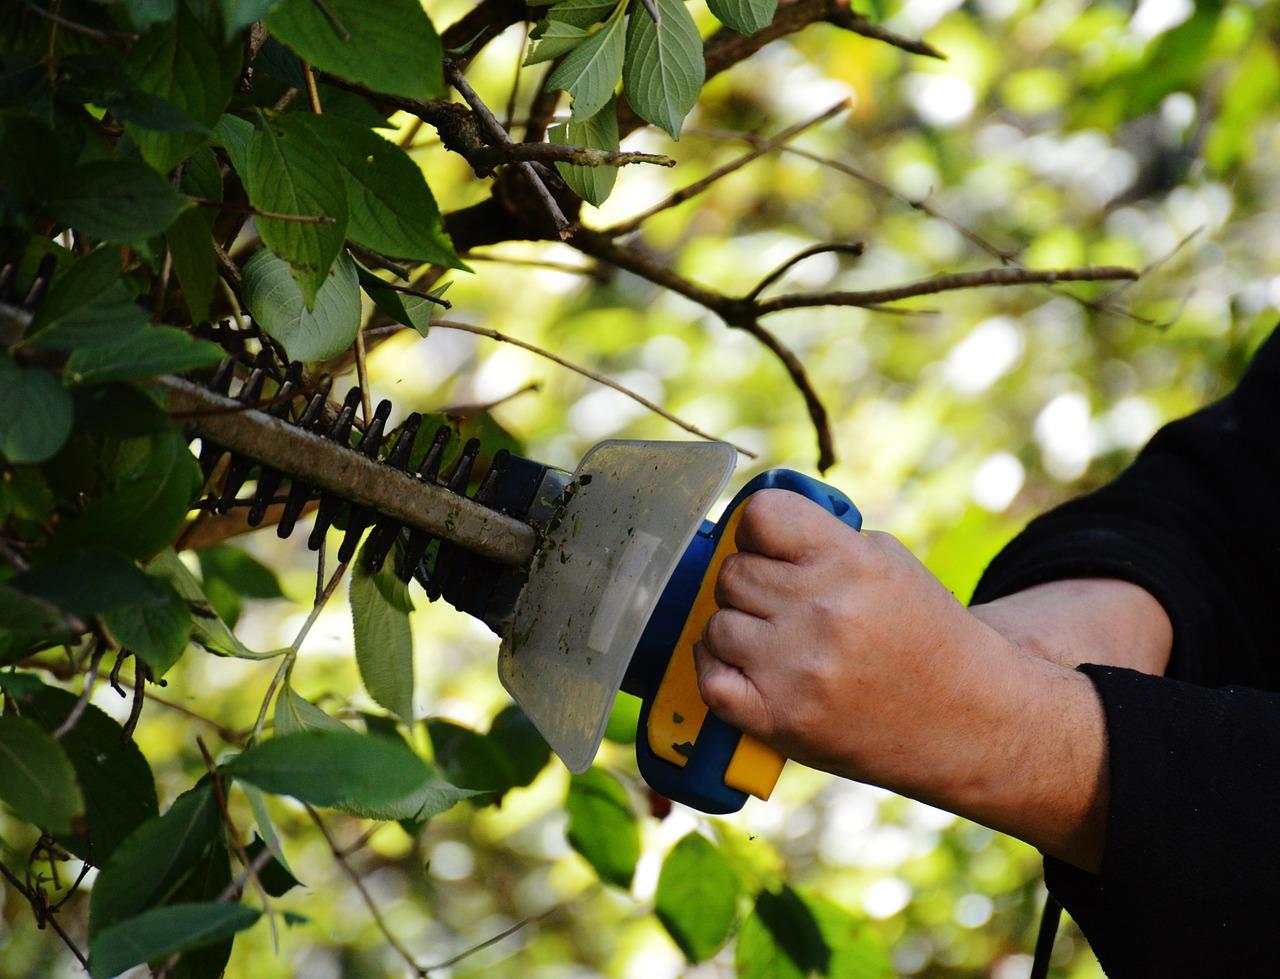 Entretien du jardin: comment couper facilement sa haie?